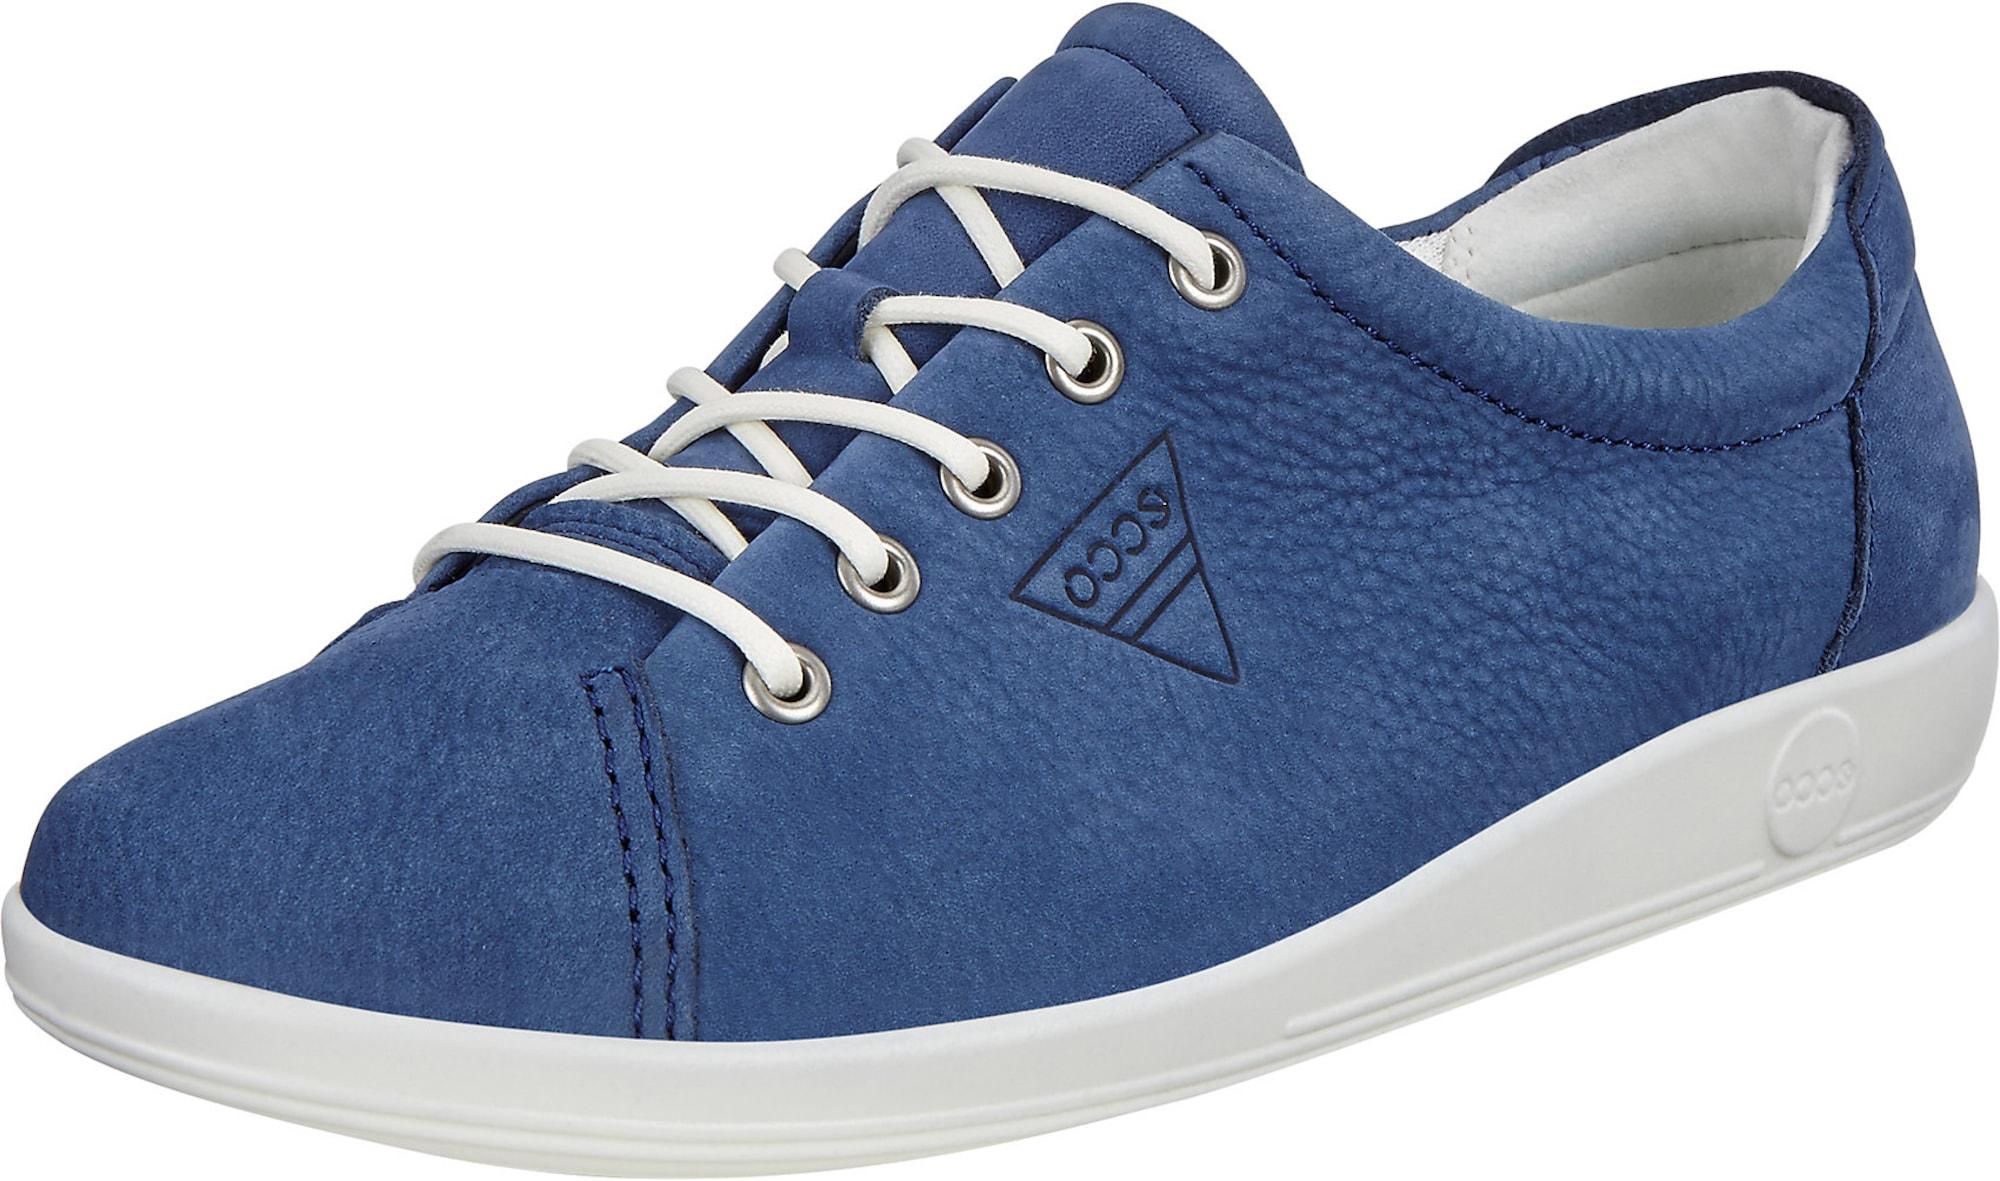 ECCO Sportinio stiliaus batai su raišteliais dangaus žydra